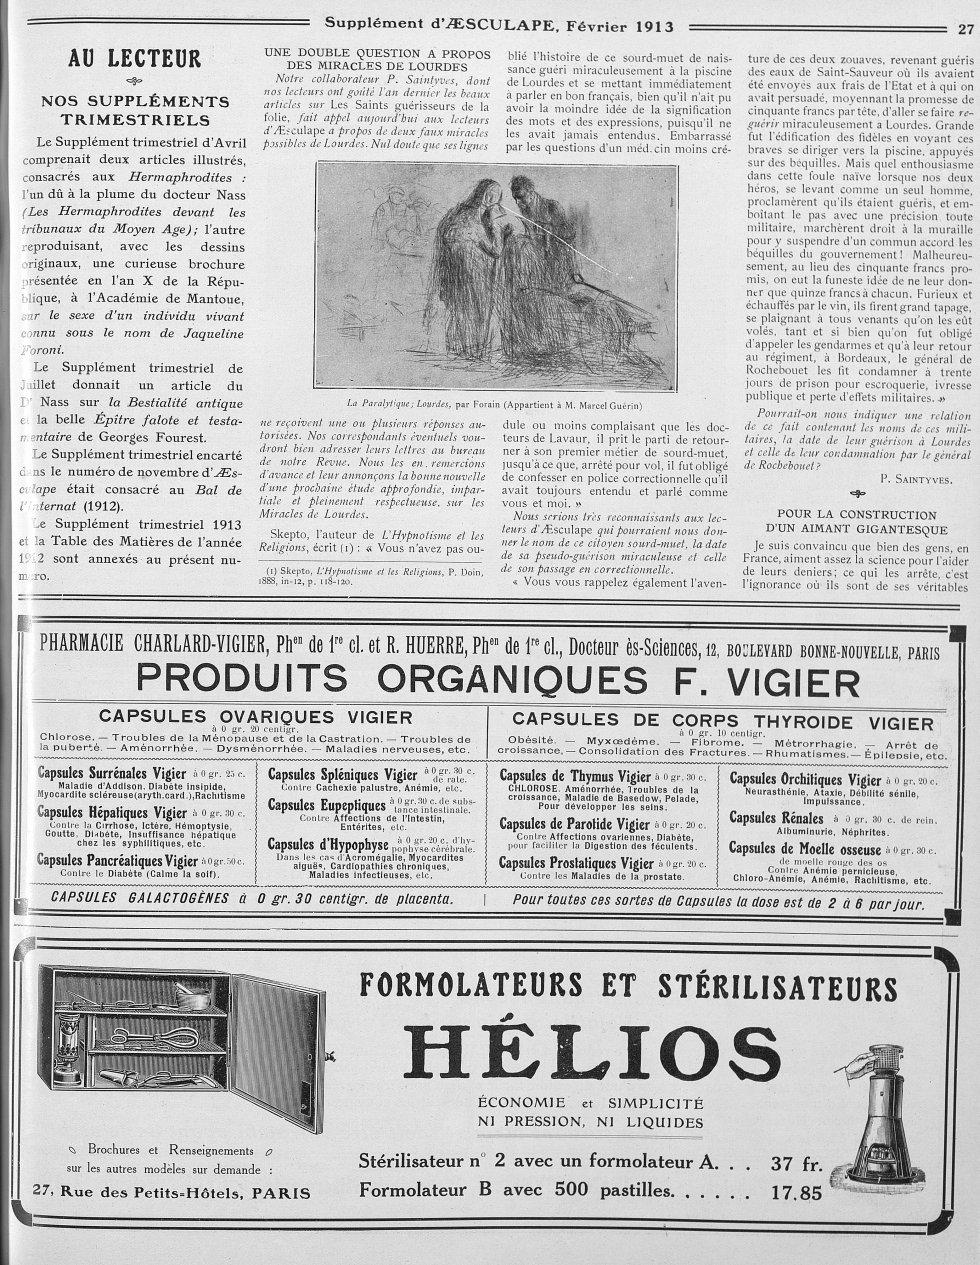 La Paralytique; Lourdes, par Forain (Appartient à M. Marcel Guérin)